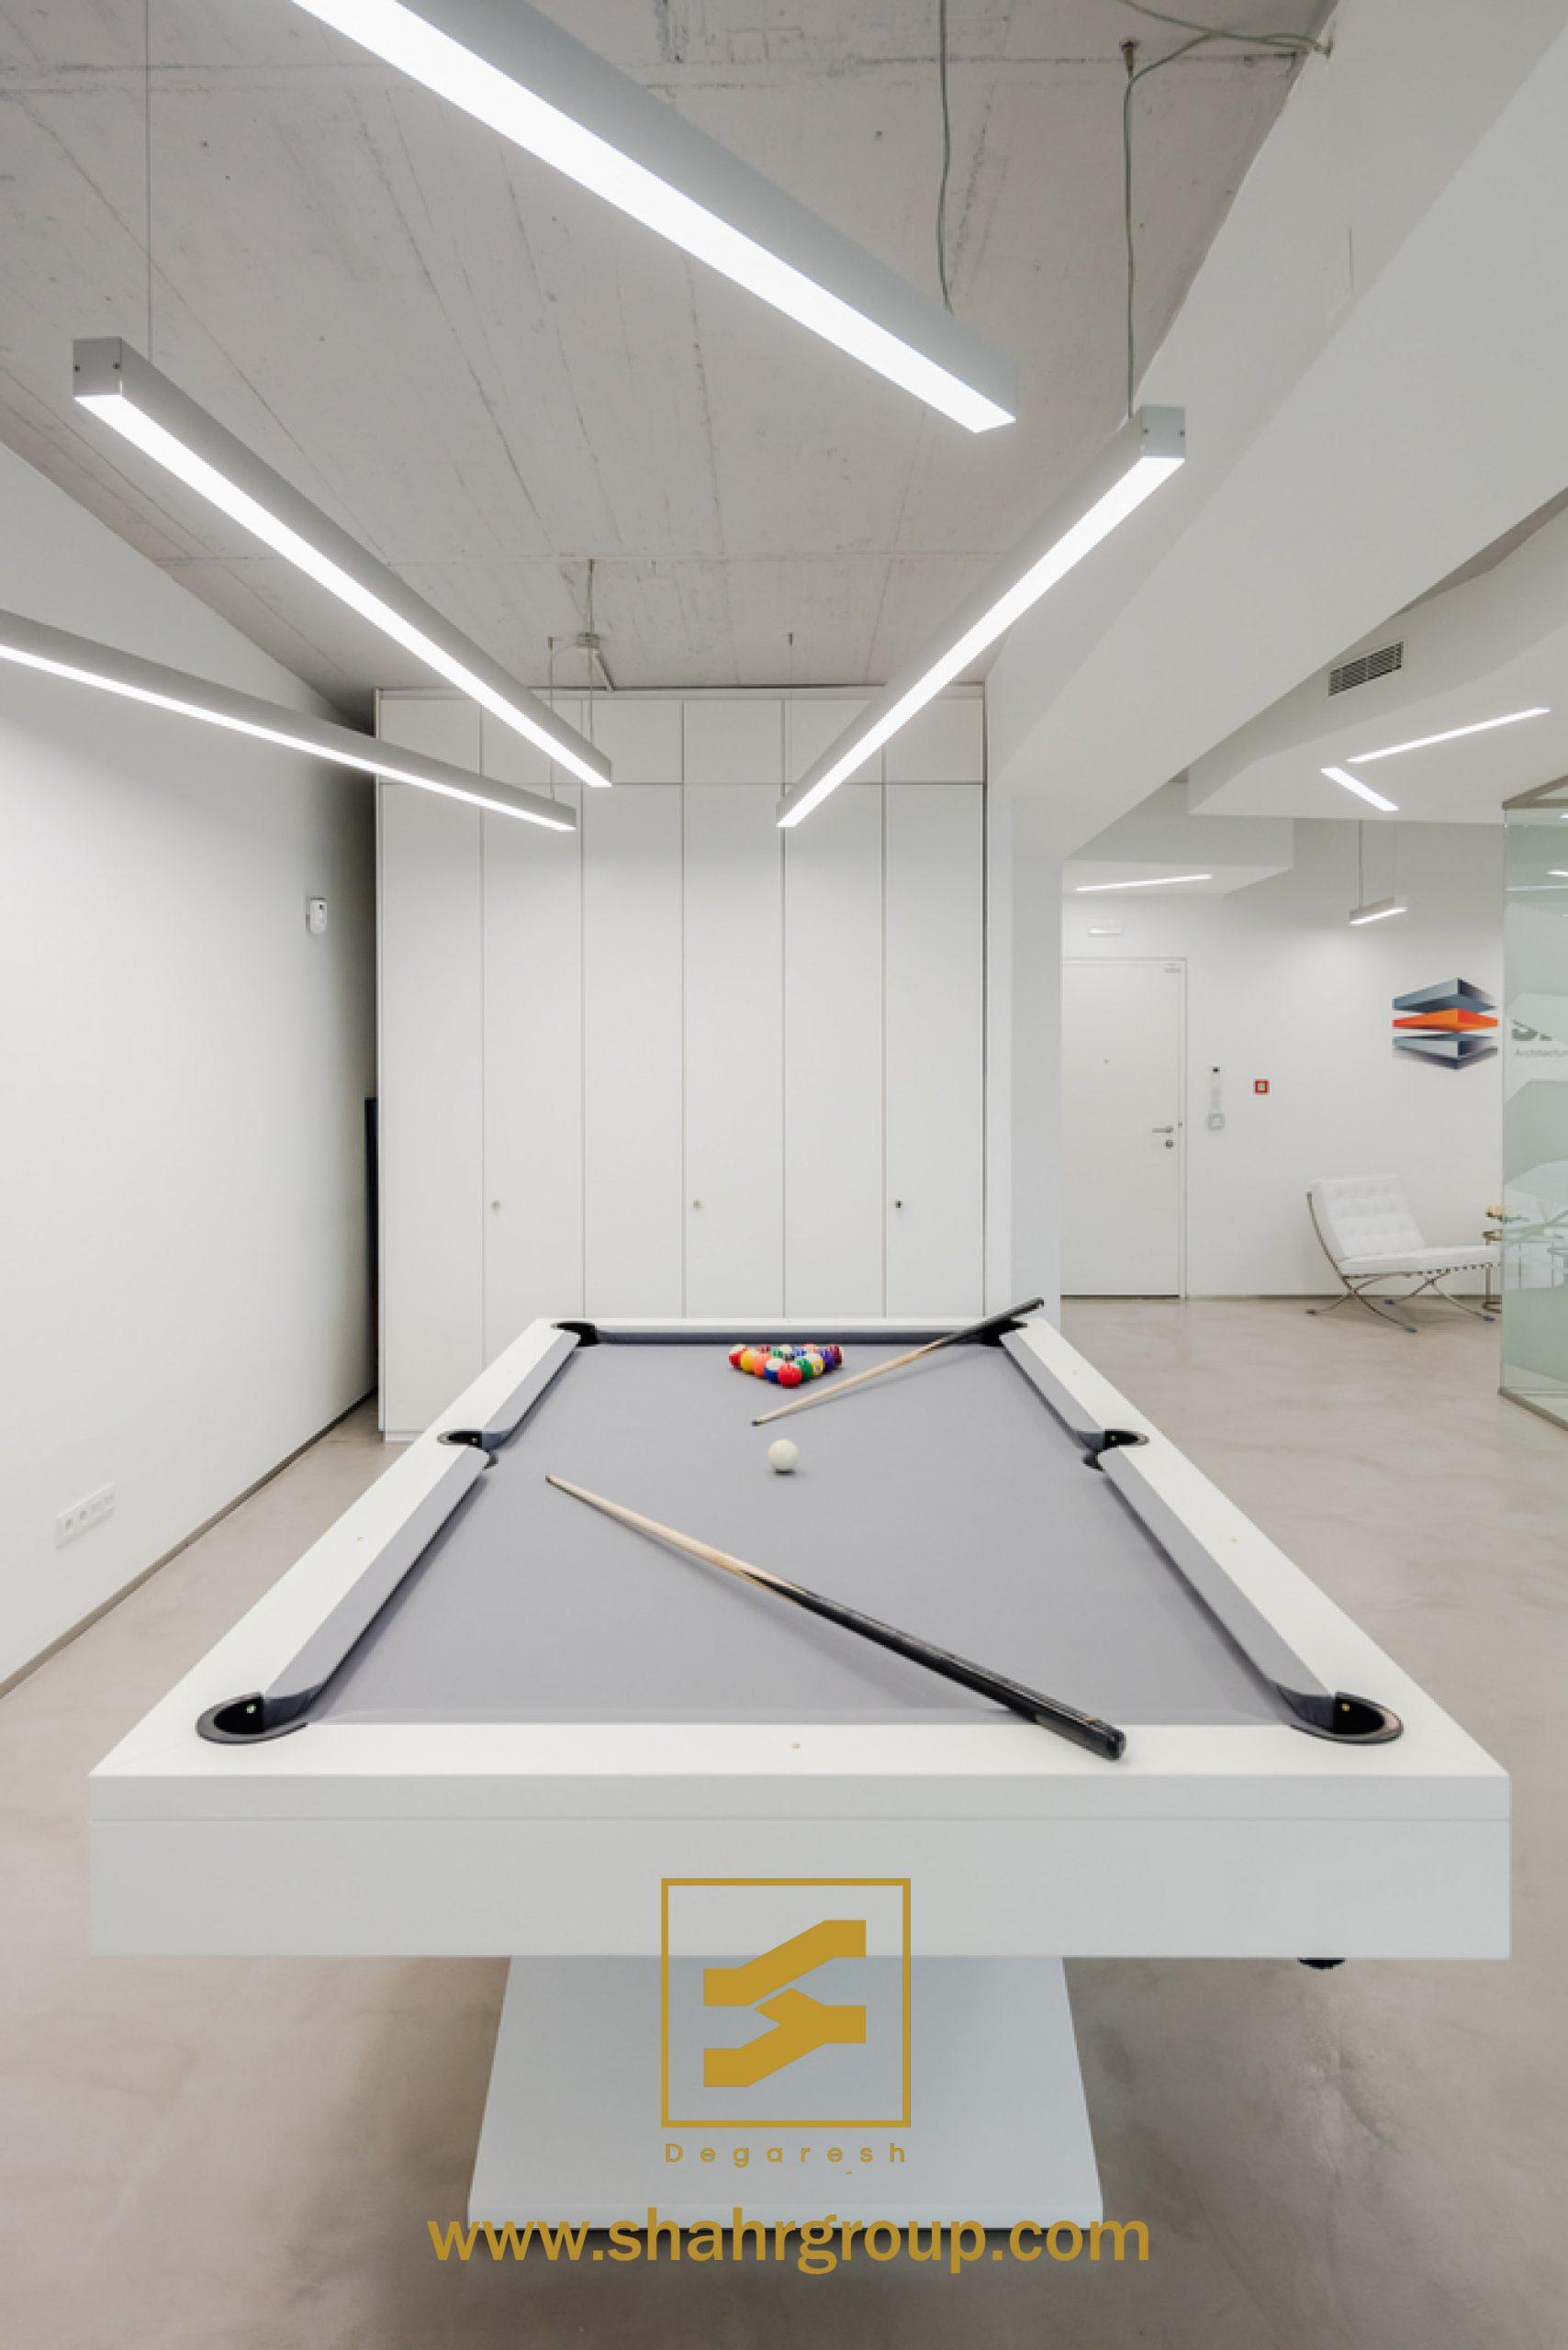 چگونه دفتر کار طراحی کنم - طراحی دفتر کار مدرن - نمونه طراحی دفتر کار - طراحی ویلا - طراحی ساختمان در مازندران - طراحی آپارتمان در مازندران - طراحی آپارتمان در بابل - طراحی نما در بابل- طراحی نما در بابلسر - طراحی نمای خارجی در مازندران